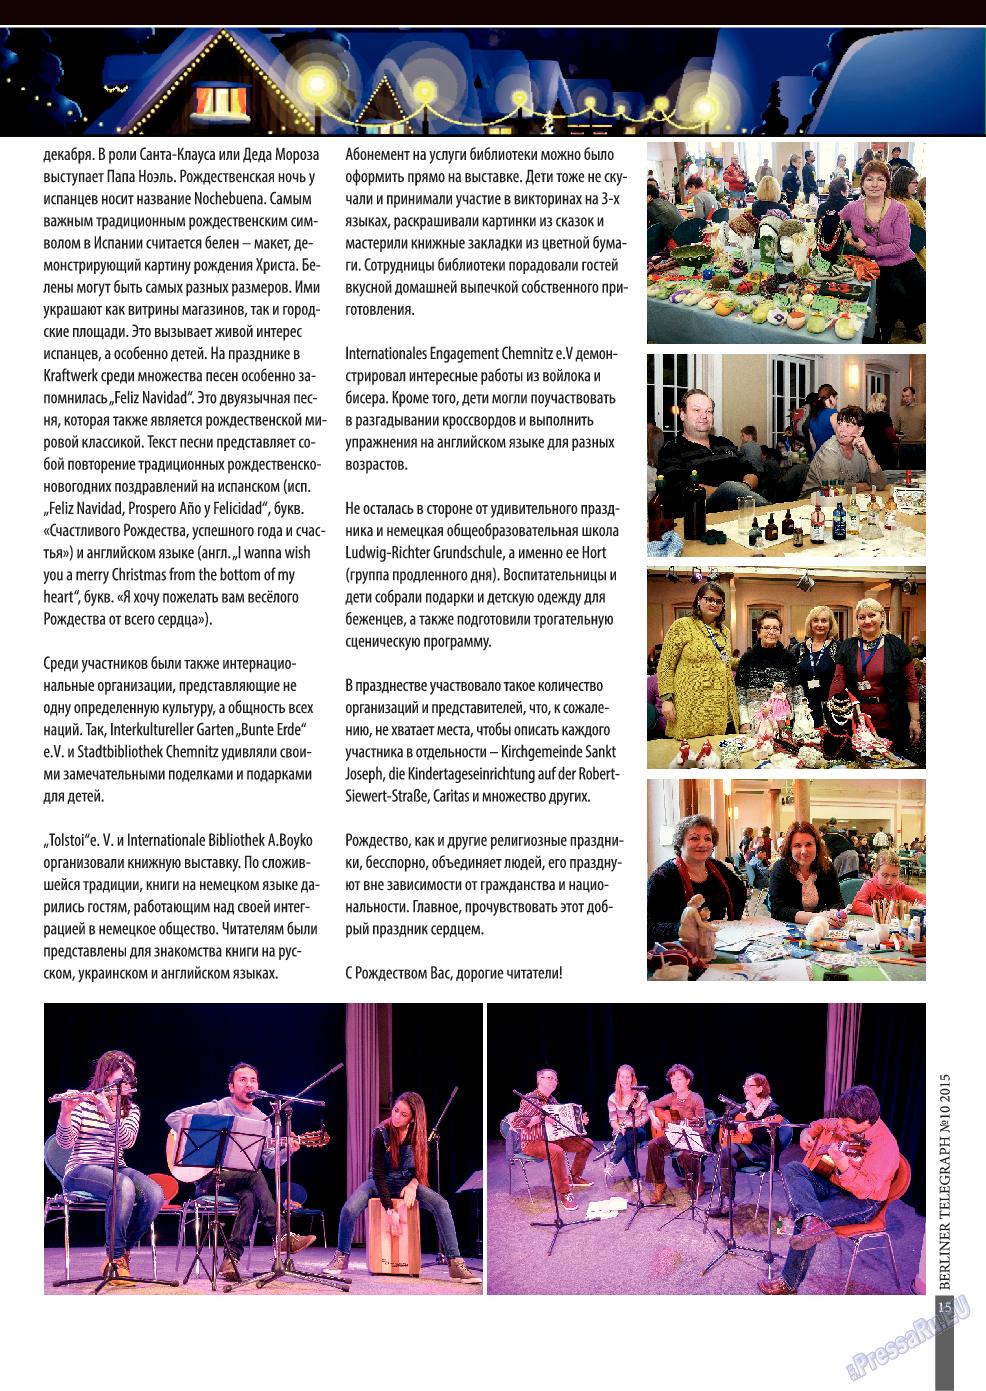 Берлинский телеграф (журнал). 2015 год, номер 11, стр. 15